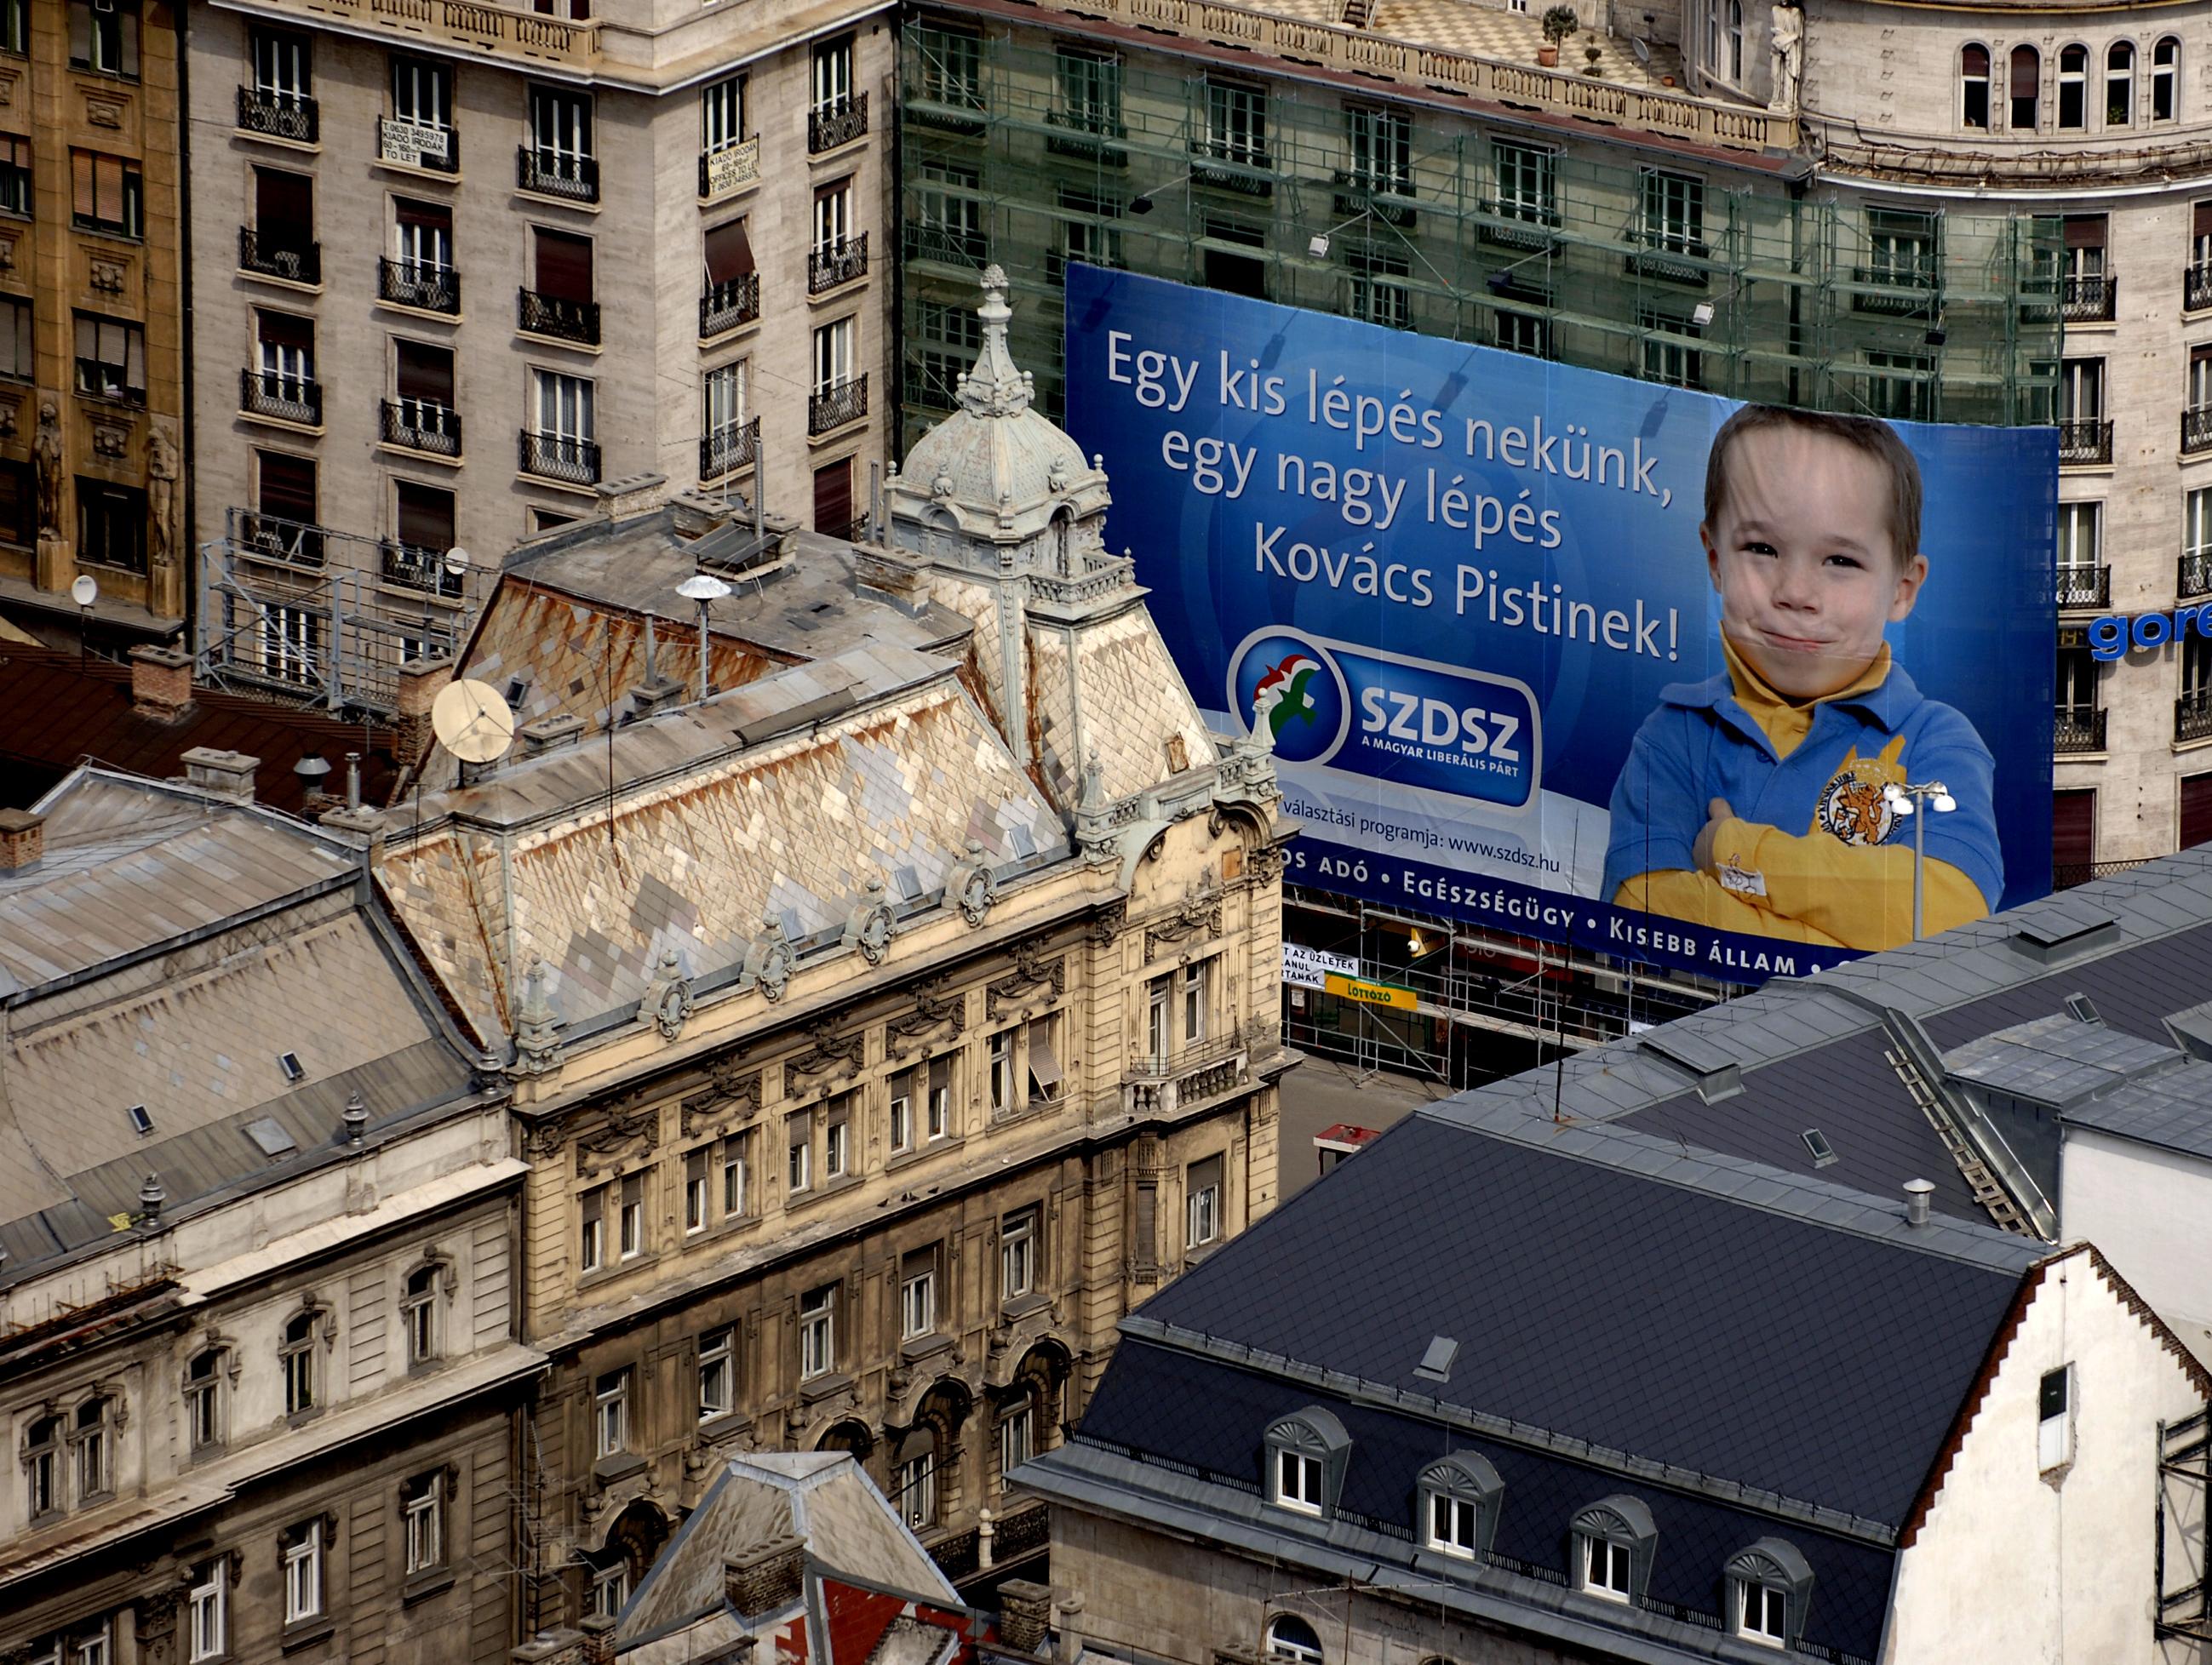 Választás2006 - Óriás SZDSZ plakát Budapesten